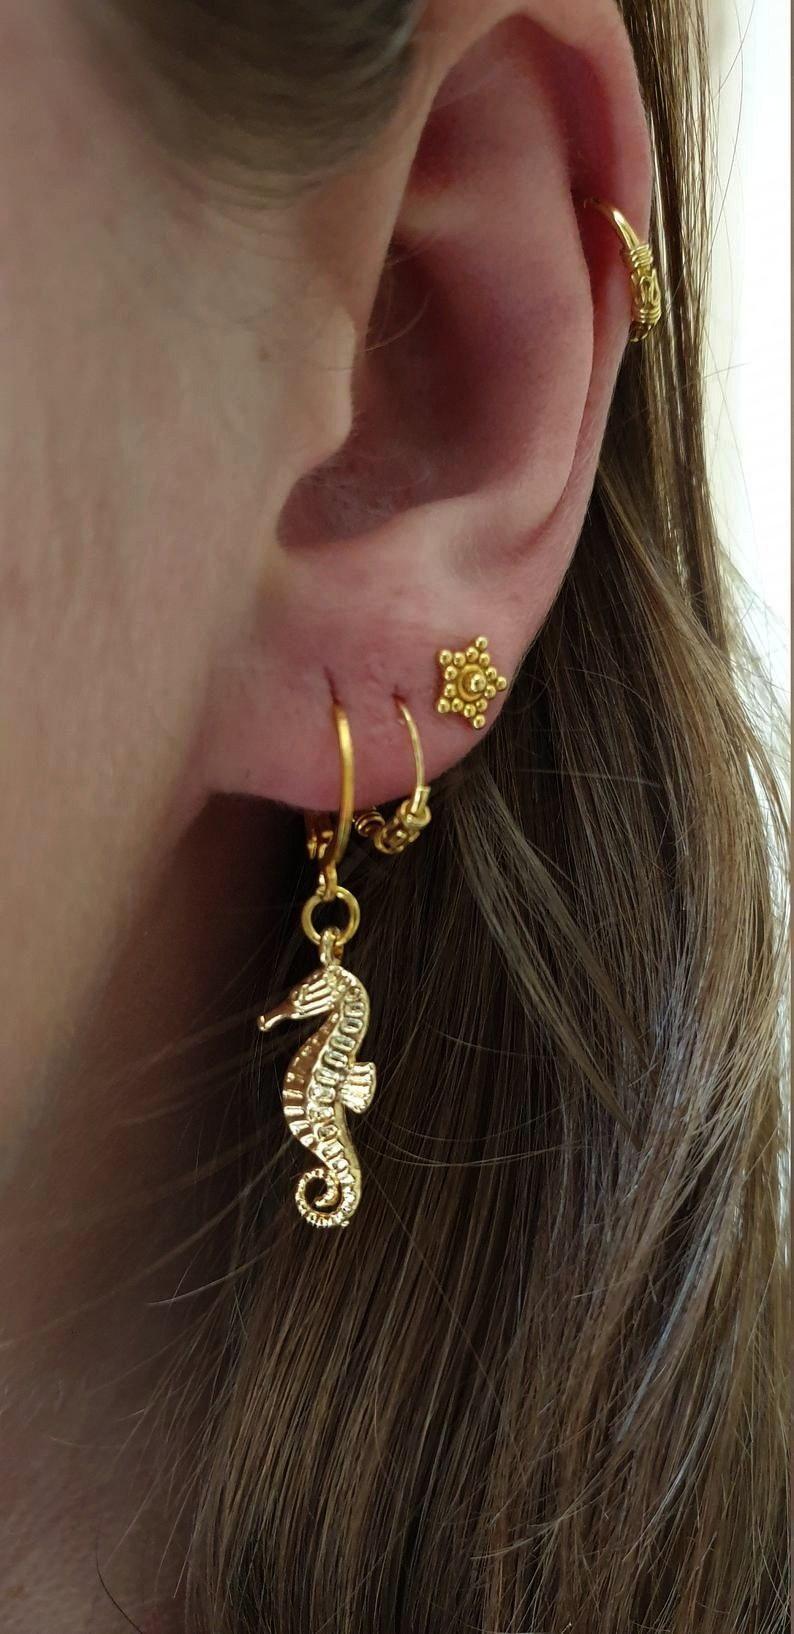 of zilveren zeepaard oorbellen | Etsy diyearringsstudsGoud of zilveren zeepaard oorbellen | Etsy di